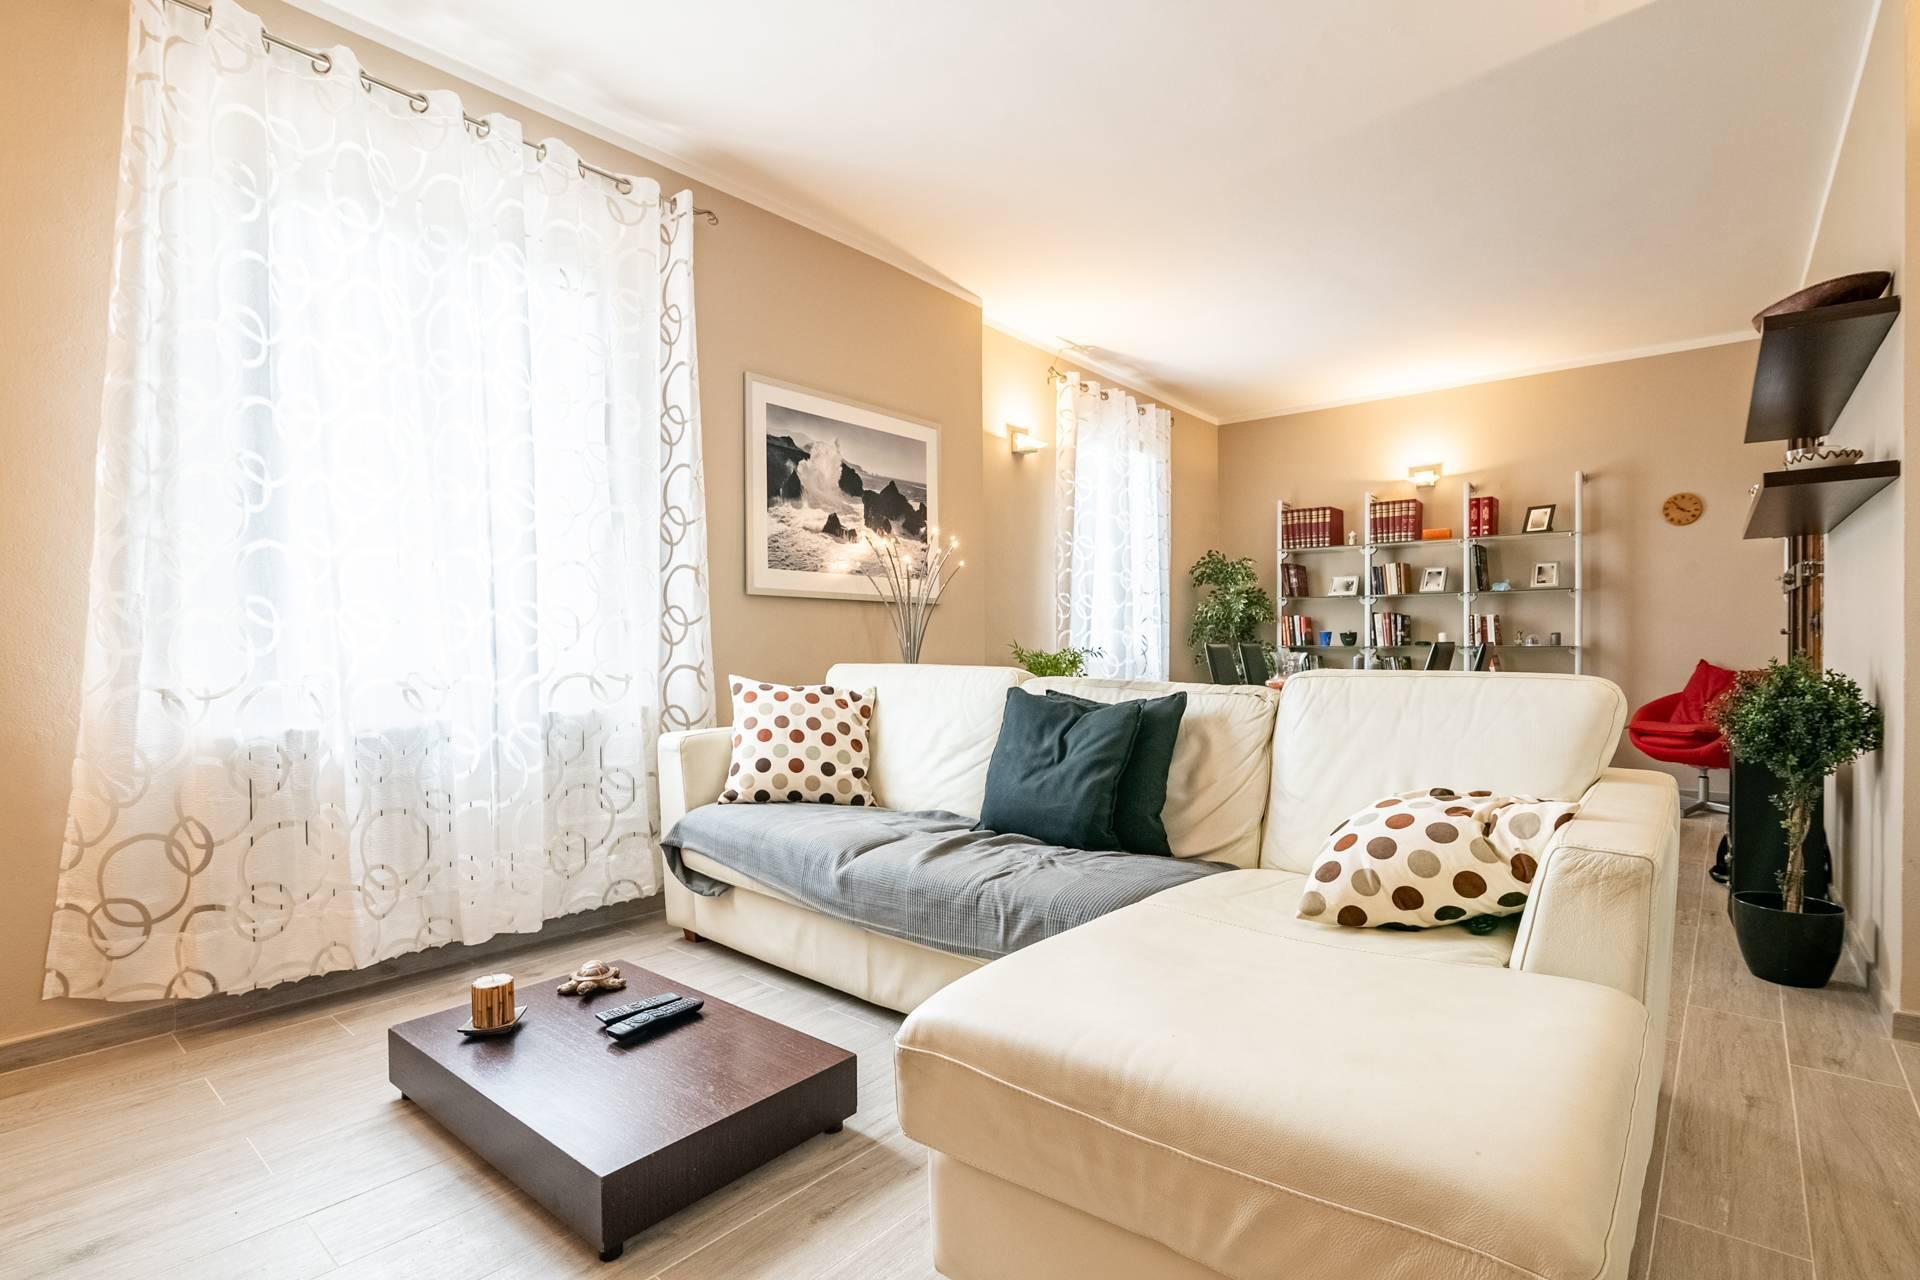 Casa indipendente in vendita a San Giuliano Terme (PI)